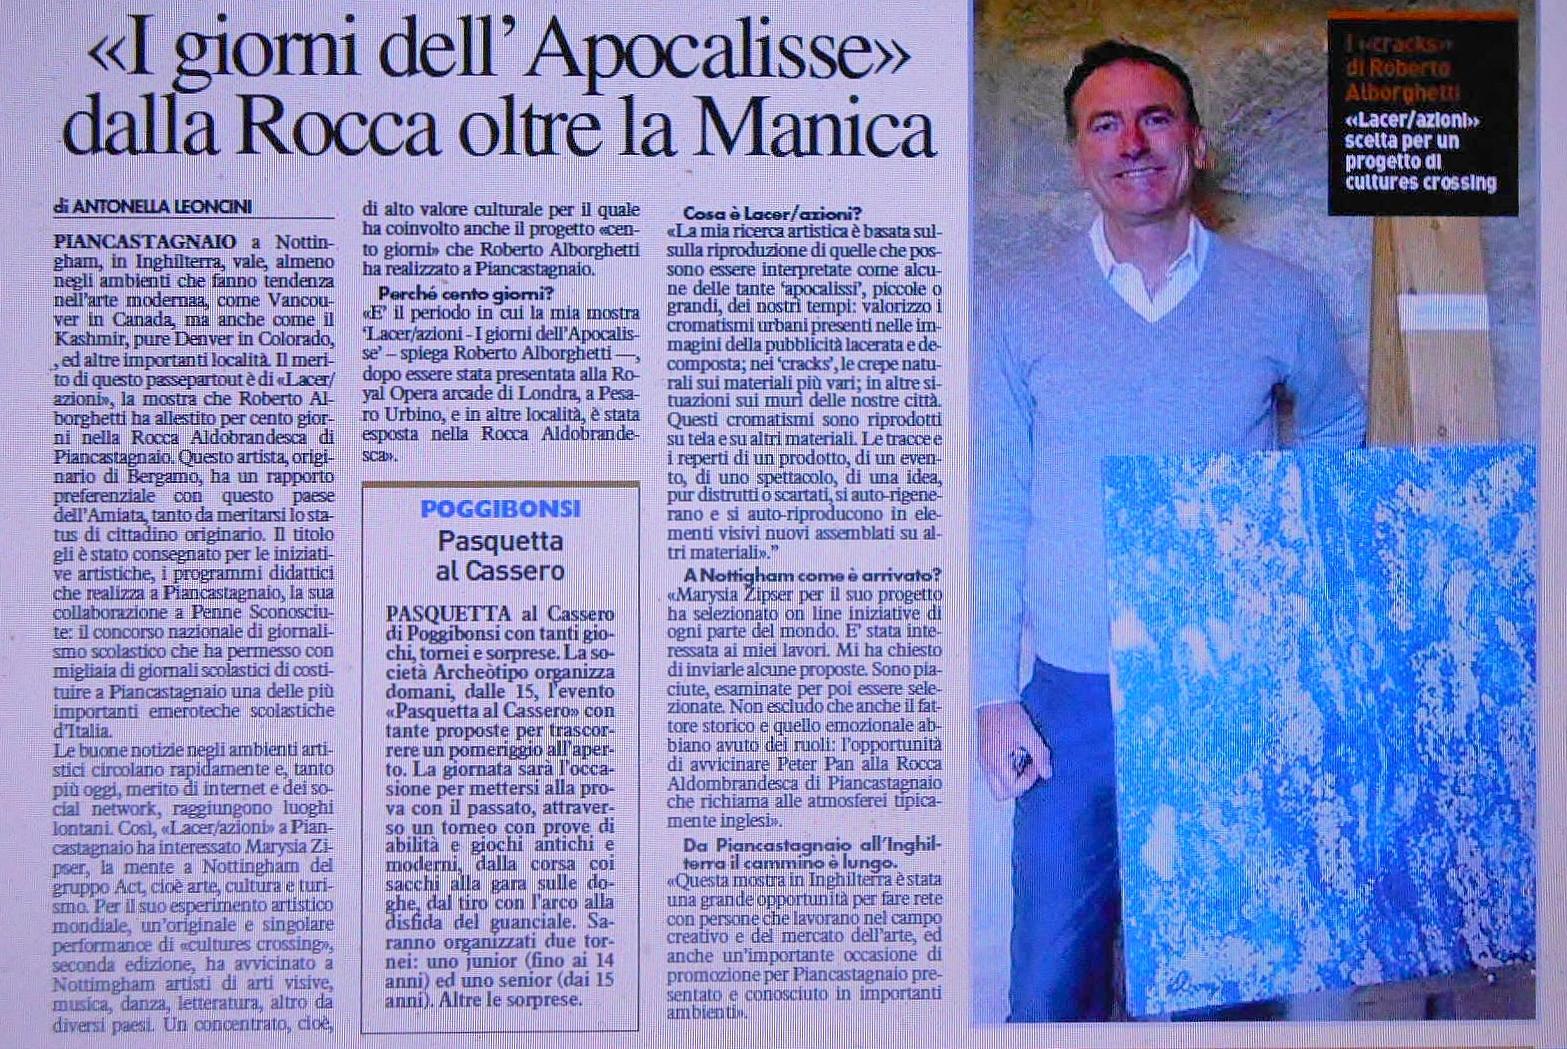 LA NAZIONE Newspaper - April 20, 2014, Story by journalist Antonella Leoncini